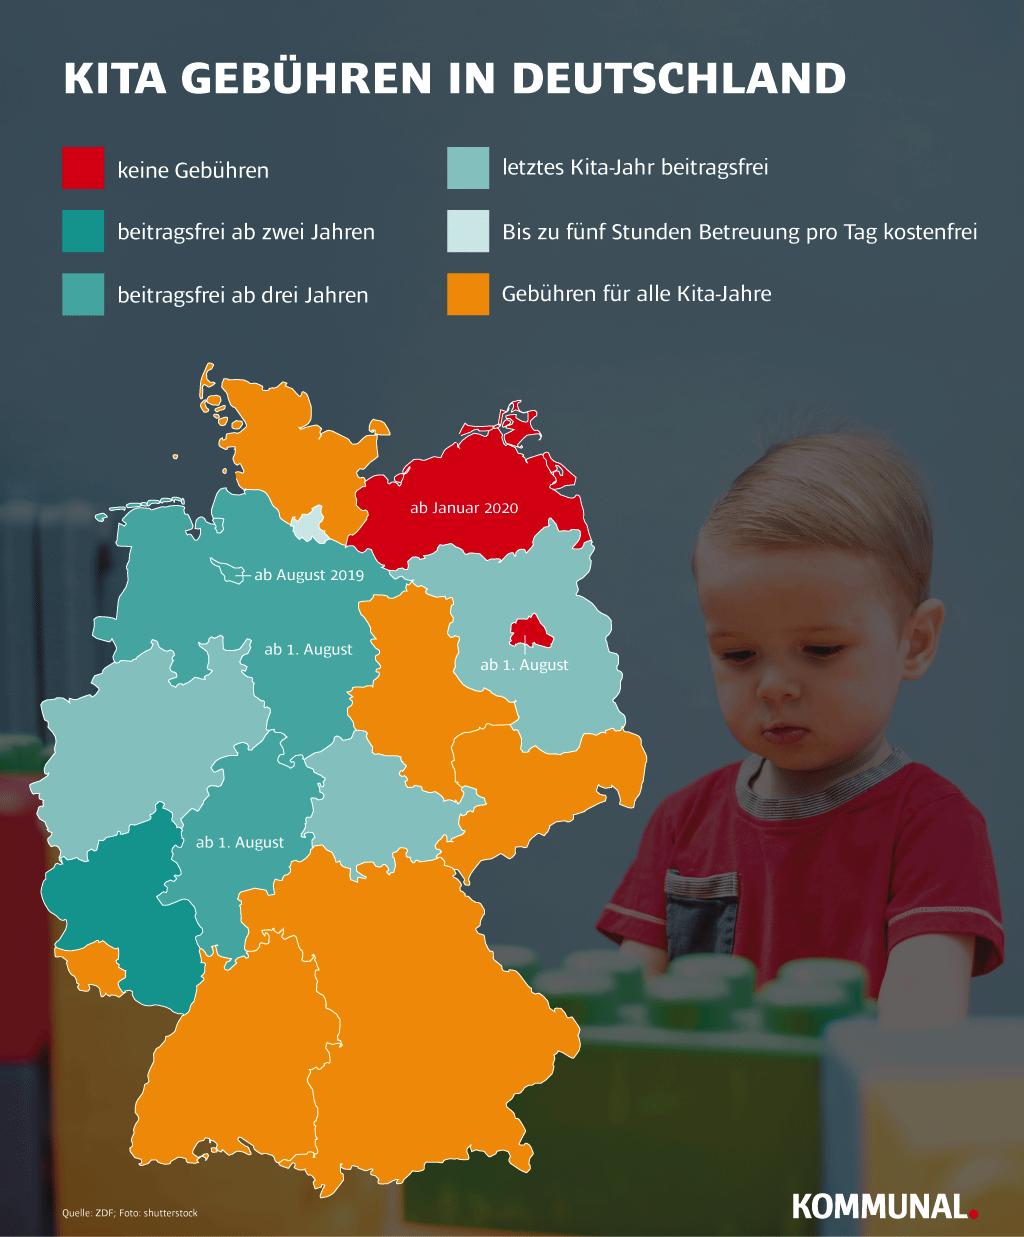 Deutschlandkarte - so halten es die Länder in Sachen Kita